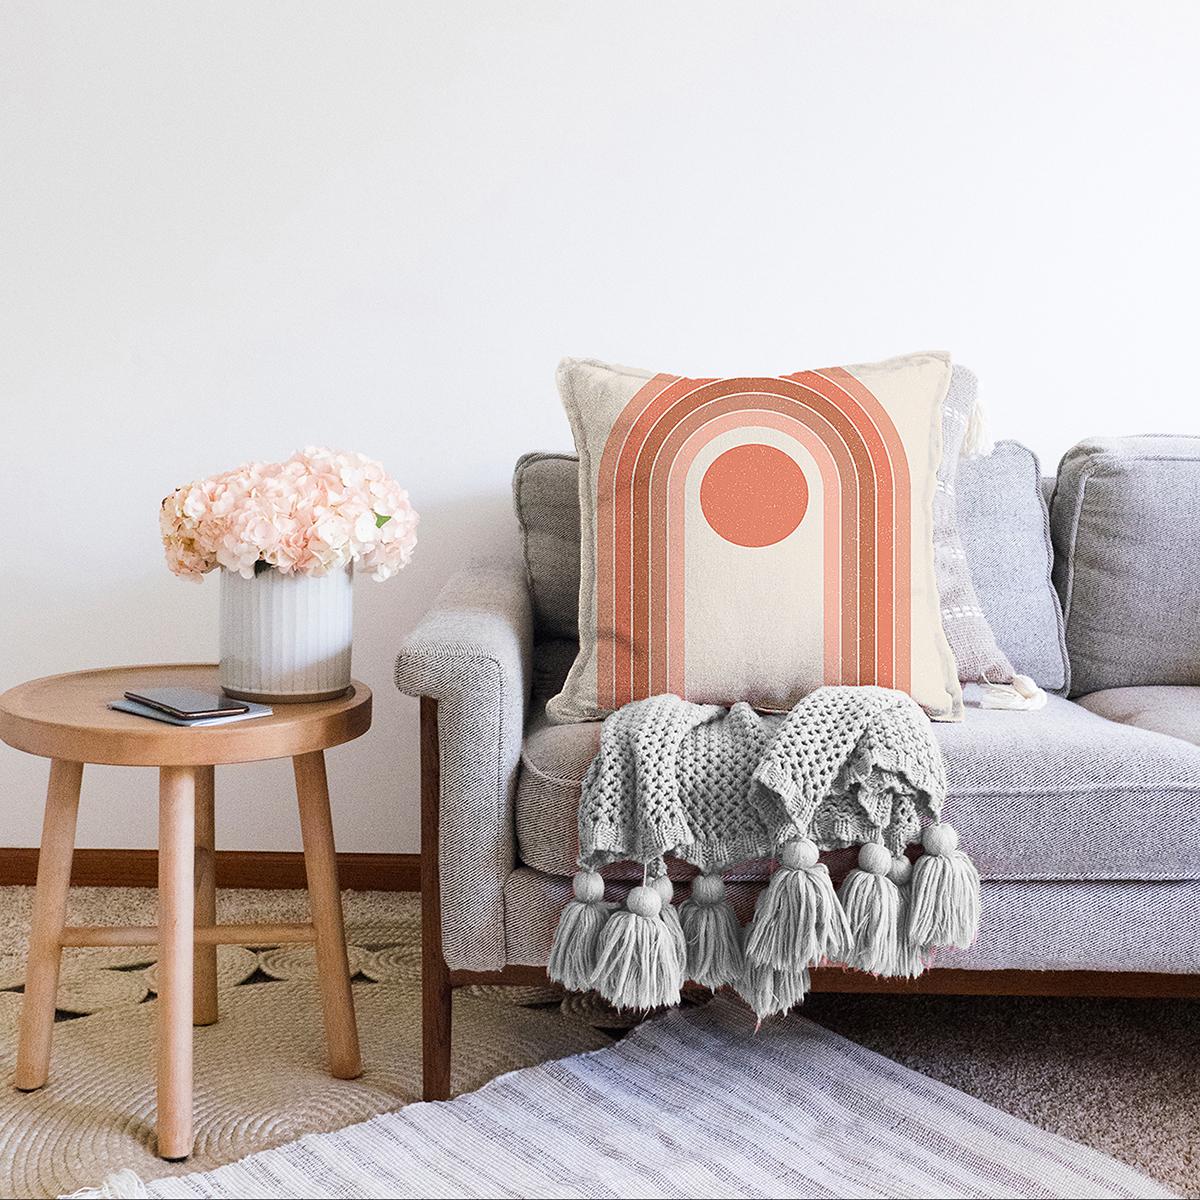 Çift Taraflı Renkli Zeminli Geometrik Desenli Dijital Baskılı Modern Şönil Yastık Kırlent Kılıfı Realhomes